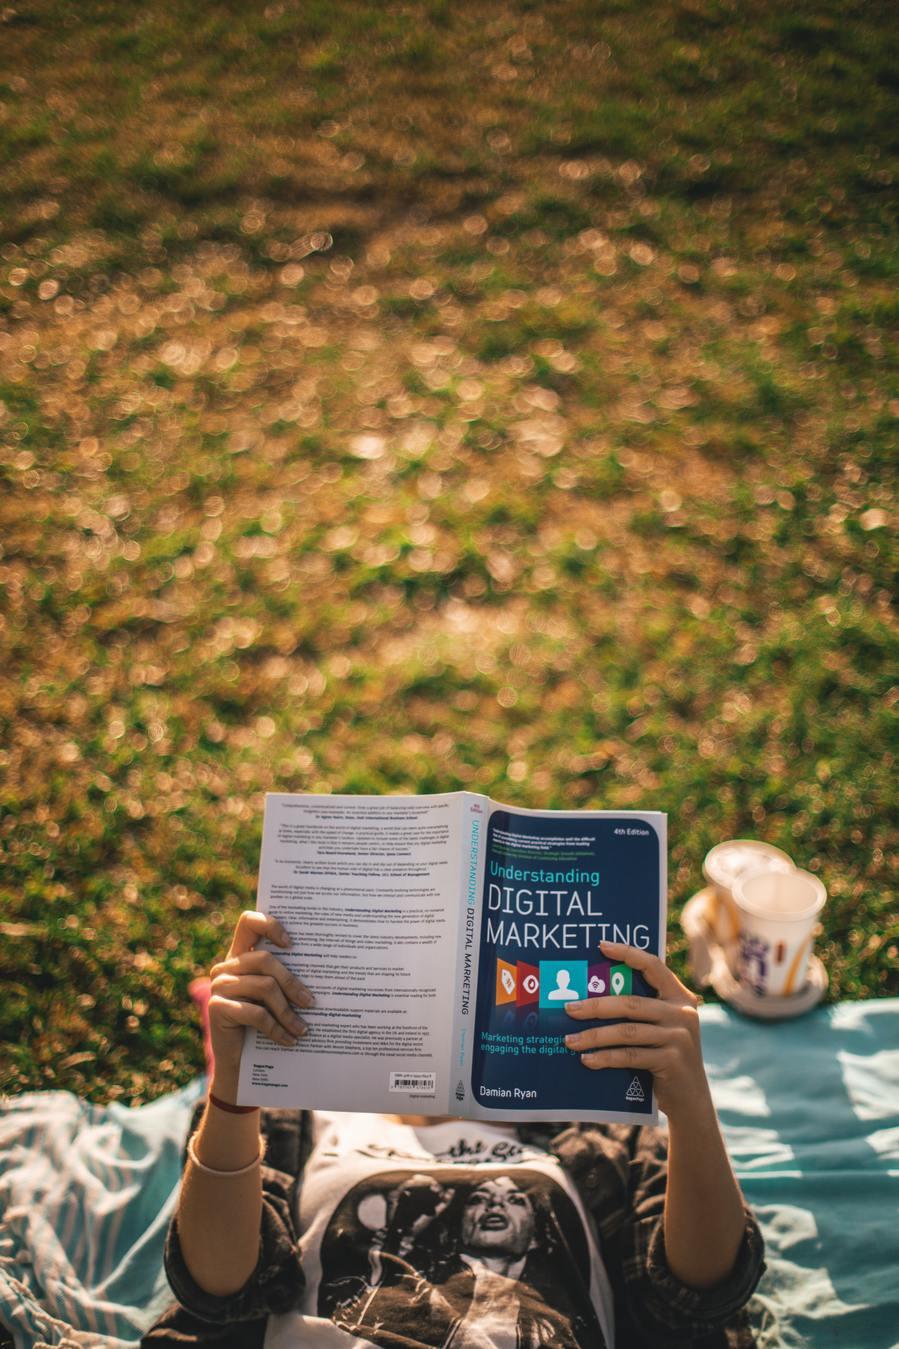 cô gái đọc sách về tiếp thị digital